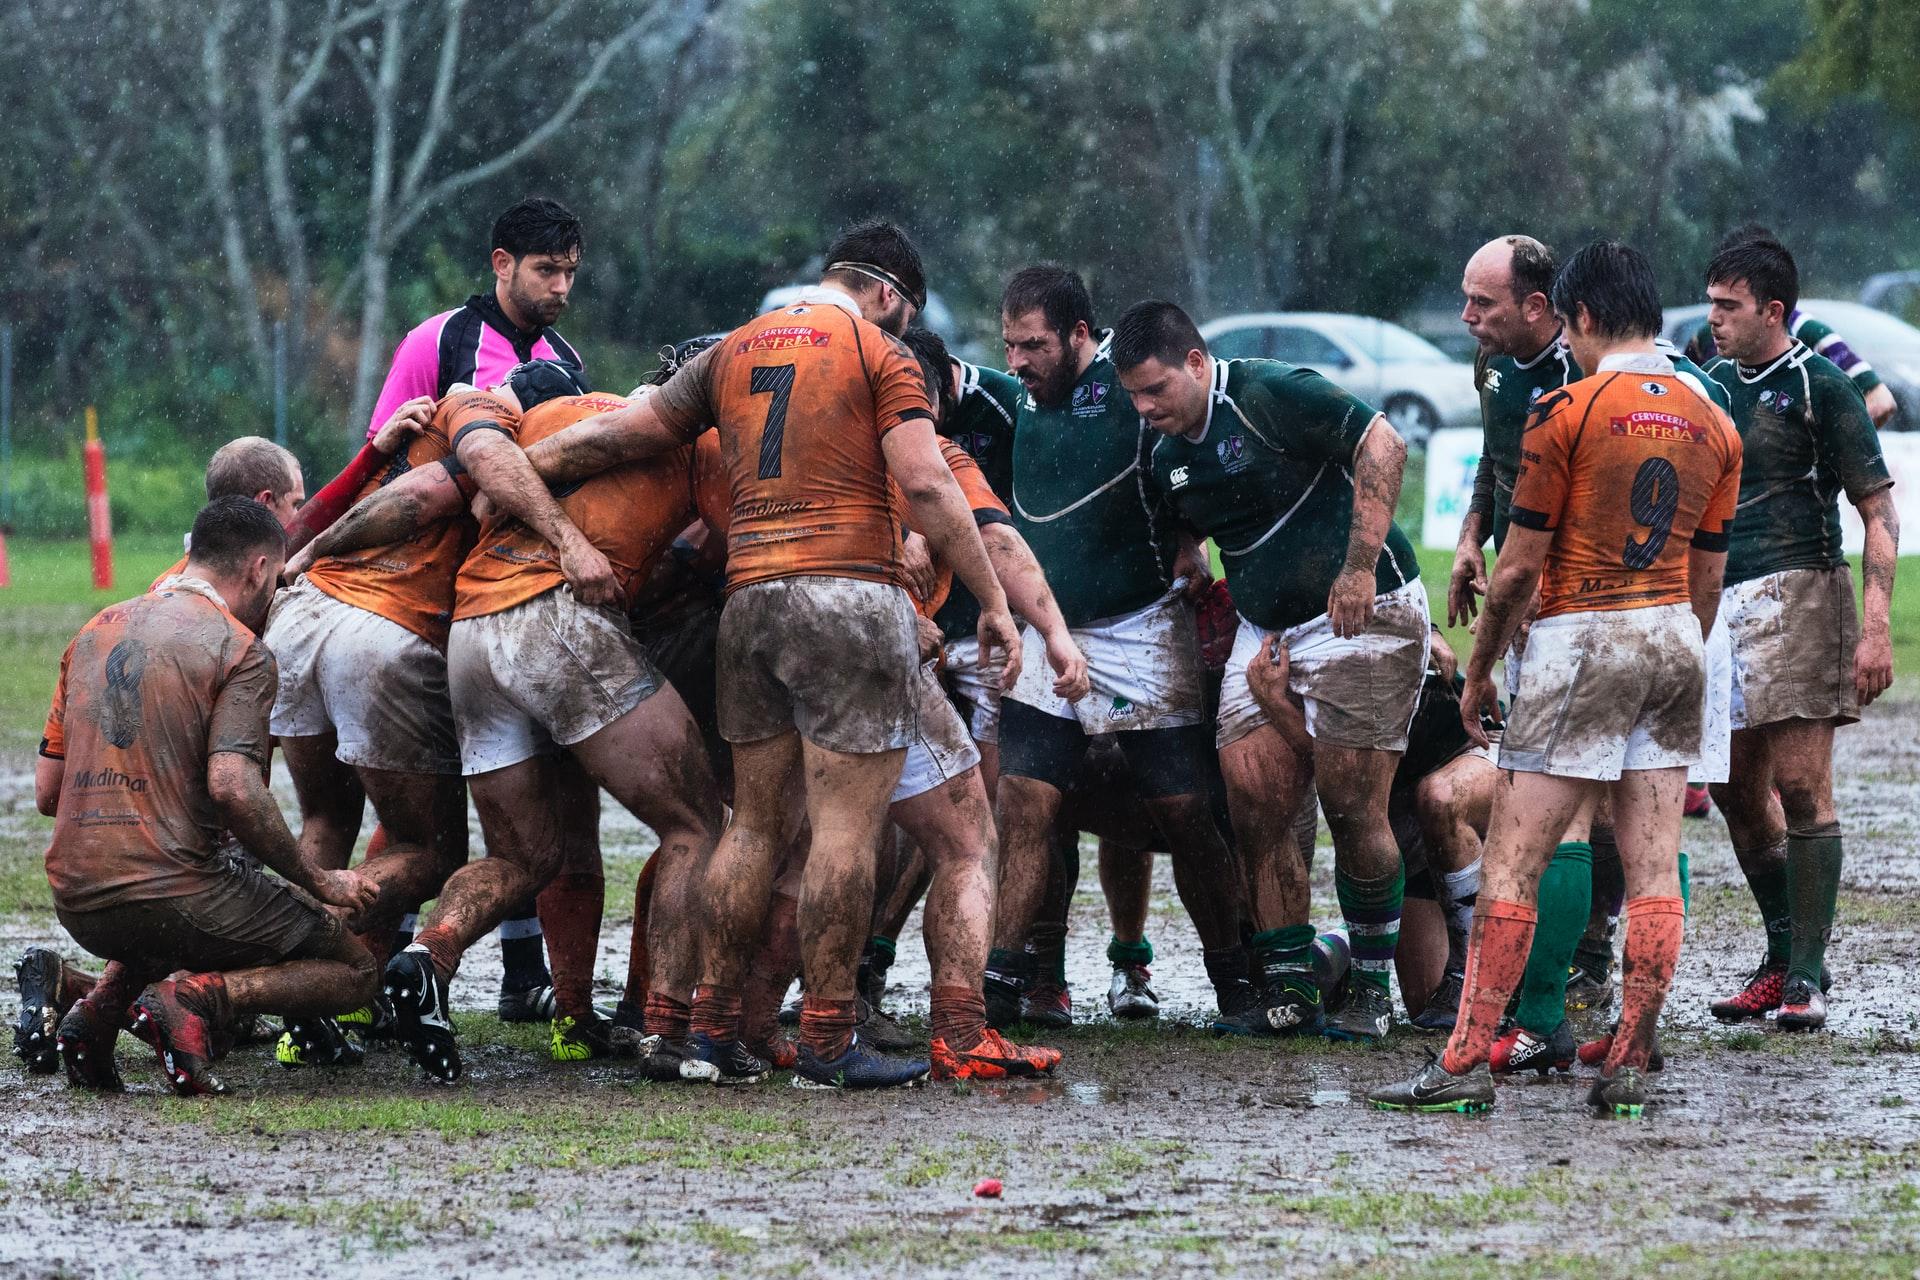 7 propositions pour la relance du rugby amateur !